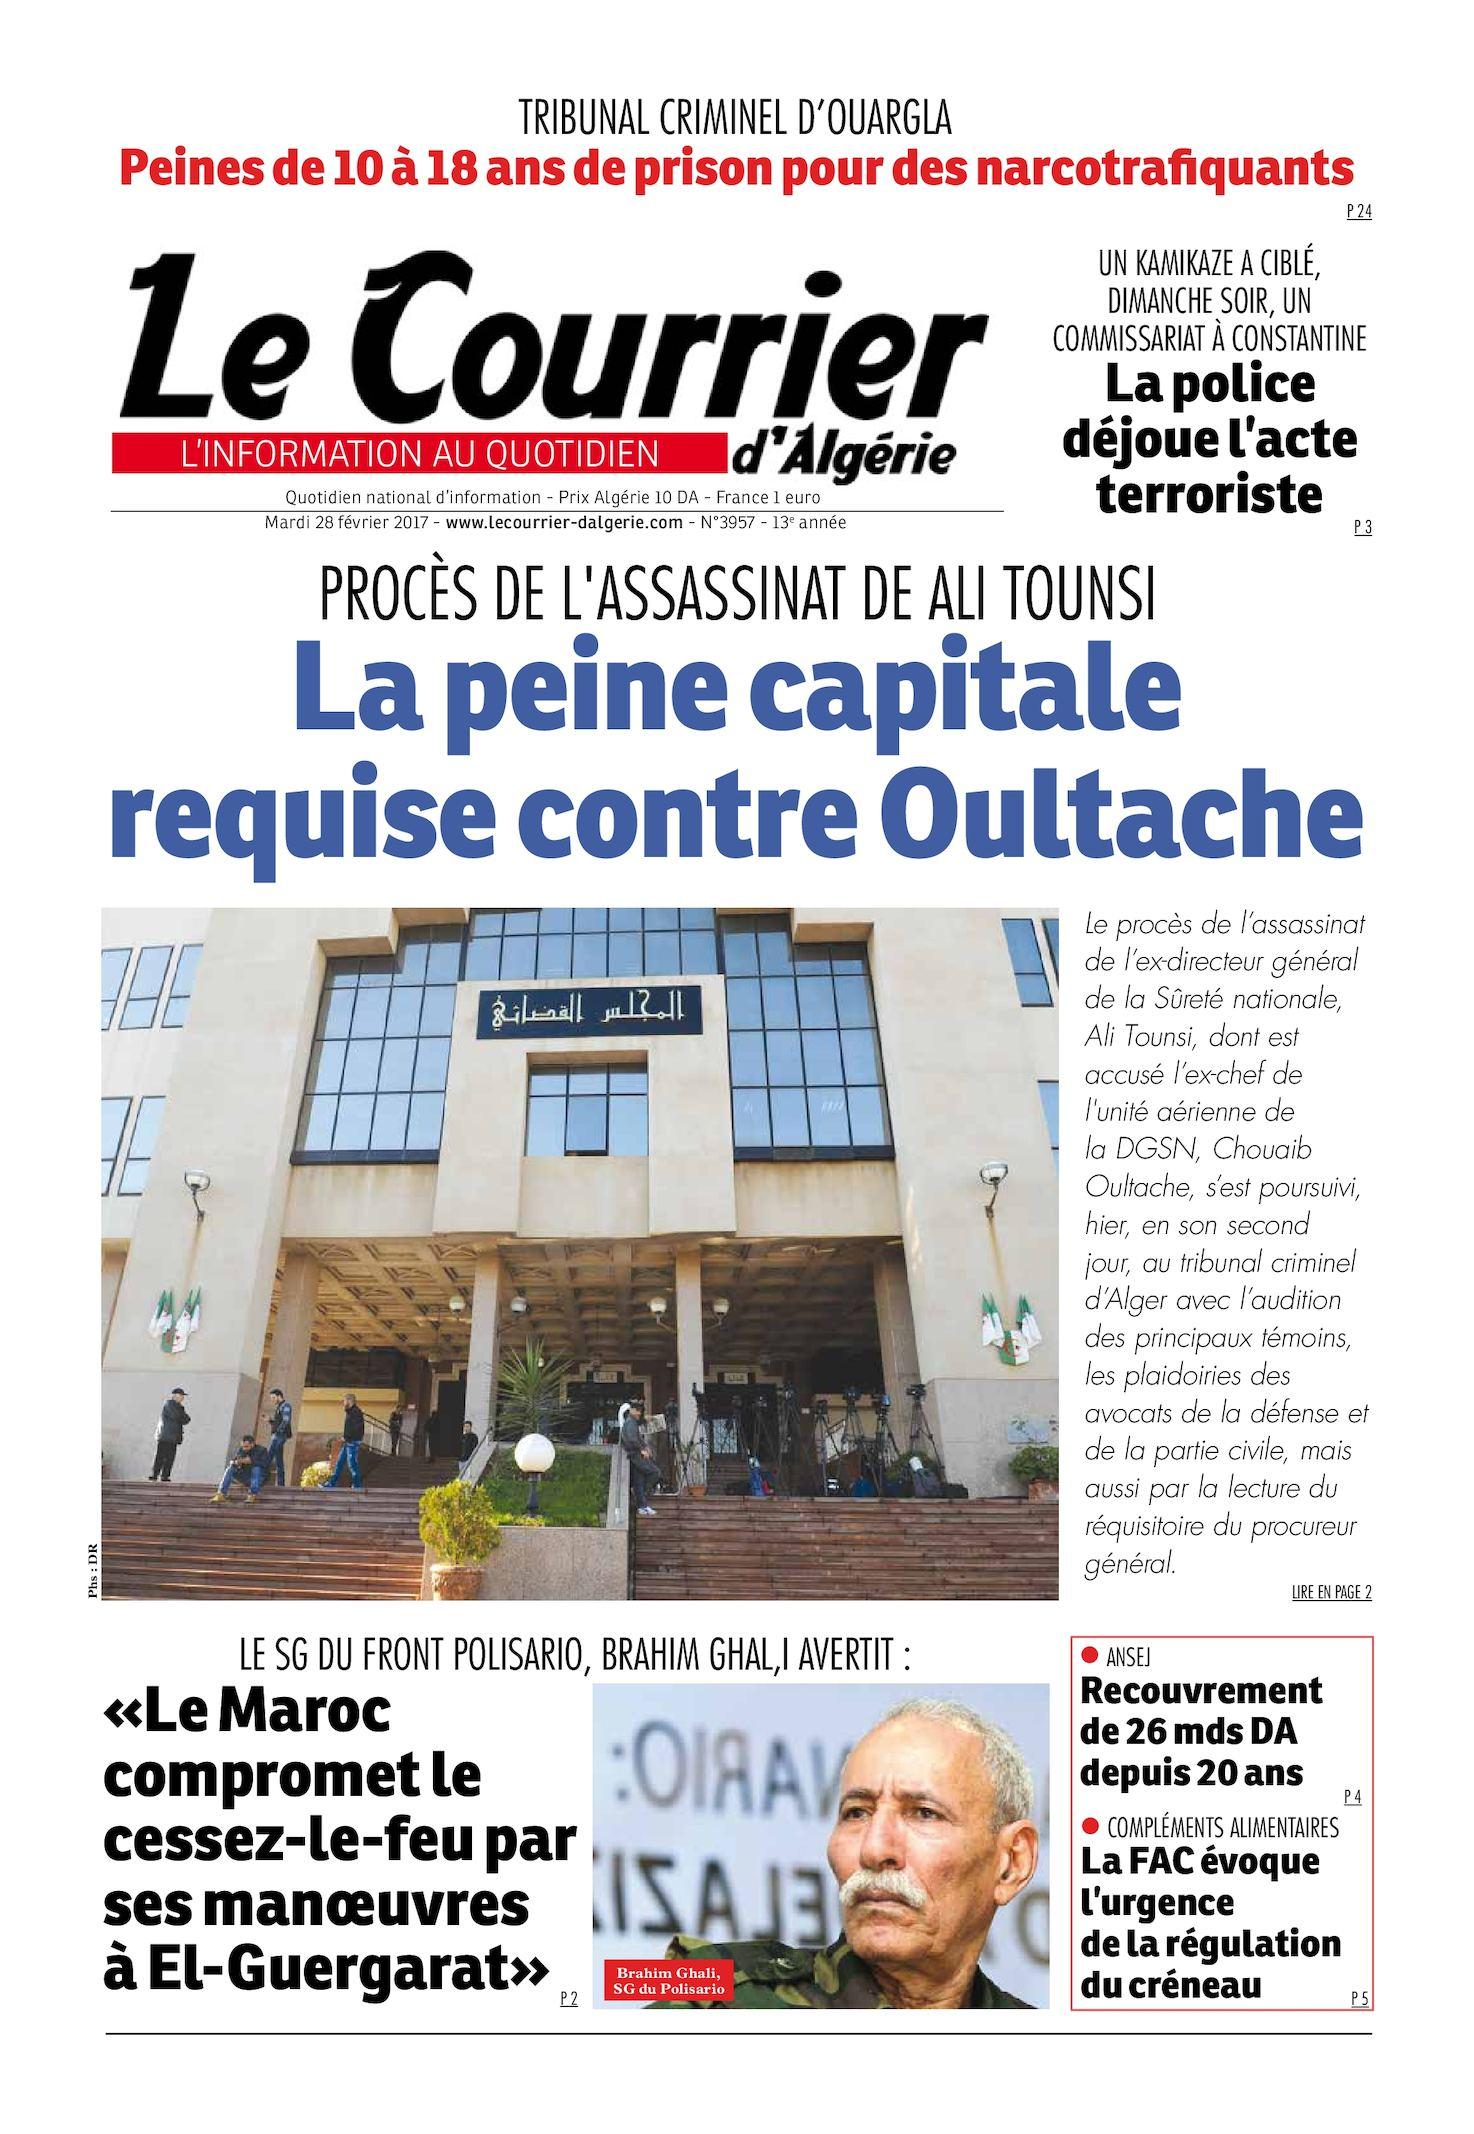 Le Courrier D'Algérie Du Mardi 28 Février 2017